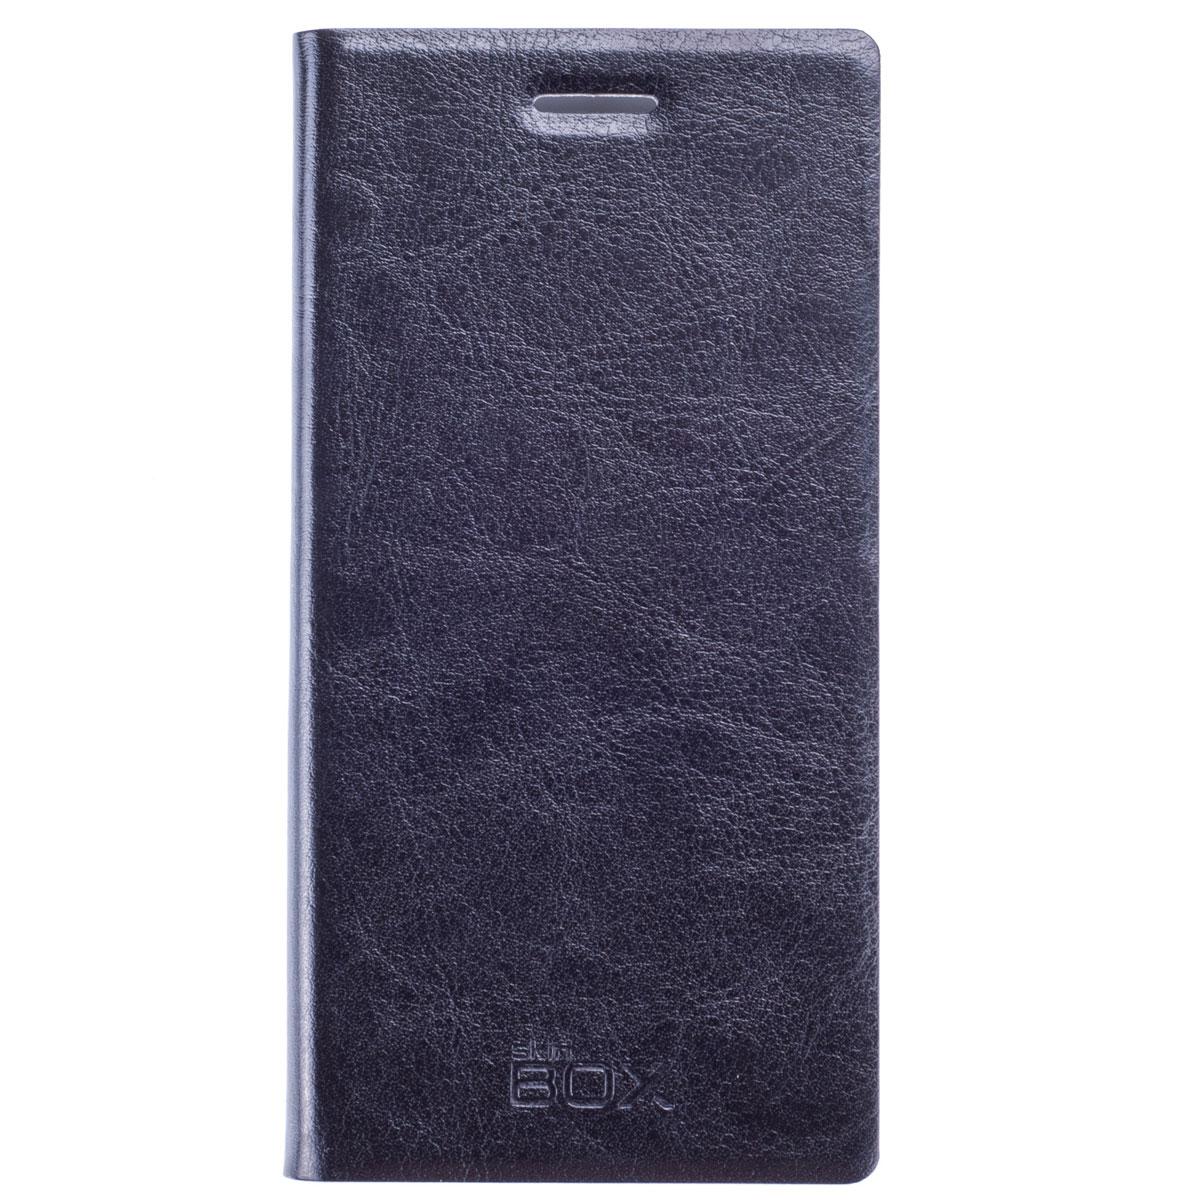 Skinbox Lux чехол для Huawei Ascend P7, BlackT-S-HAP7-003Чехол Skinbox Lux выполнен из высококачественного поликарбоната и экокожи. Он обеспечивает надежную защиту корпуса и экрана смартфона и надолго сохраняет его привлекательный внешний вид. Чехол также обеспечивает свободный доступ ко всем разъемам и клавишам устройства.